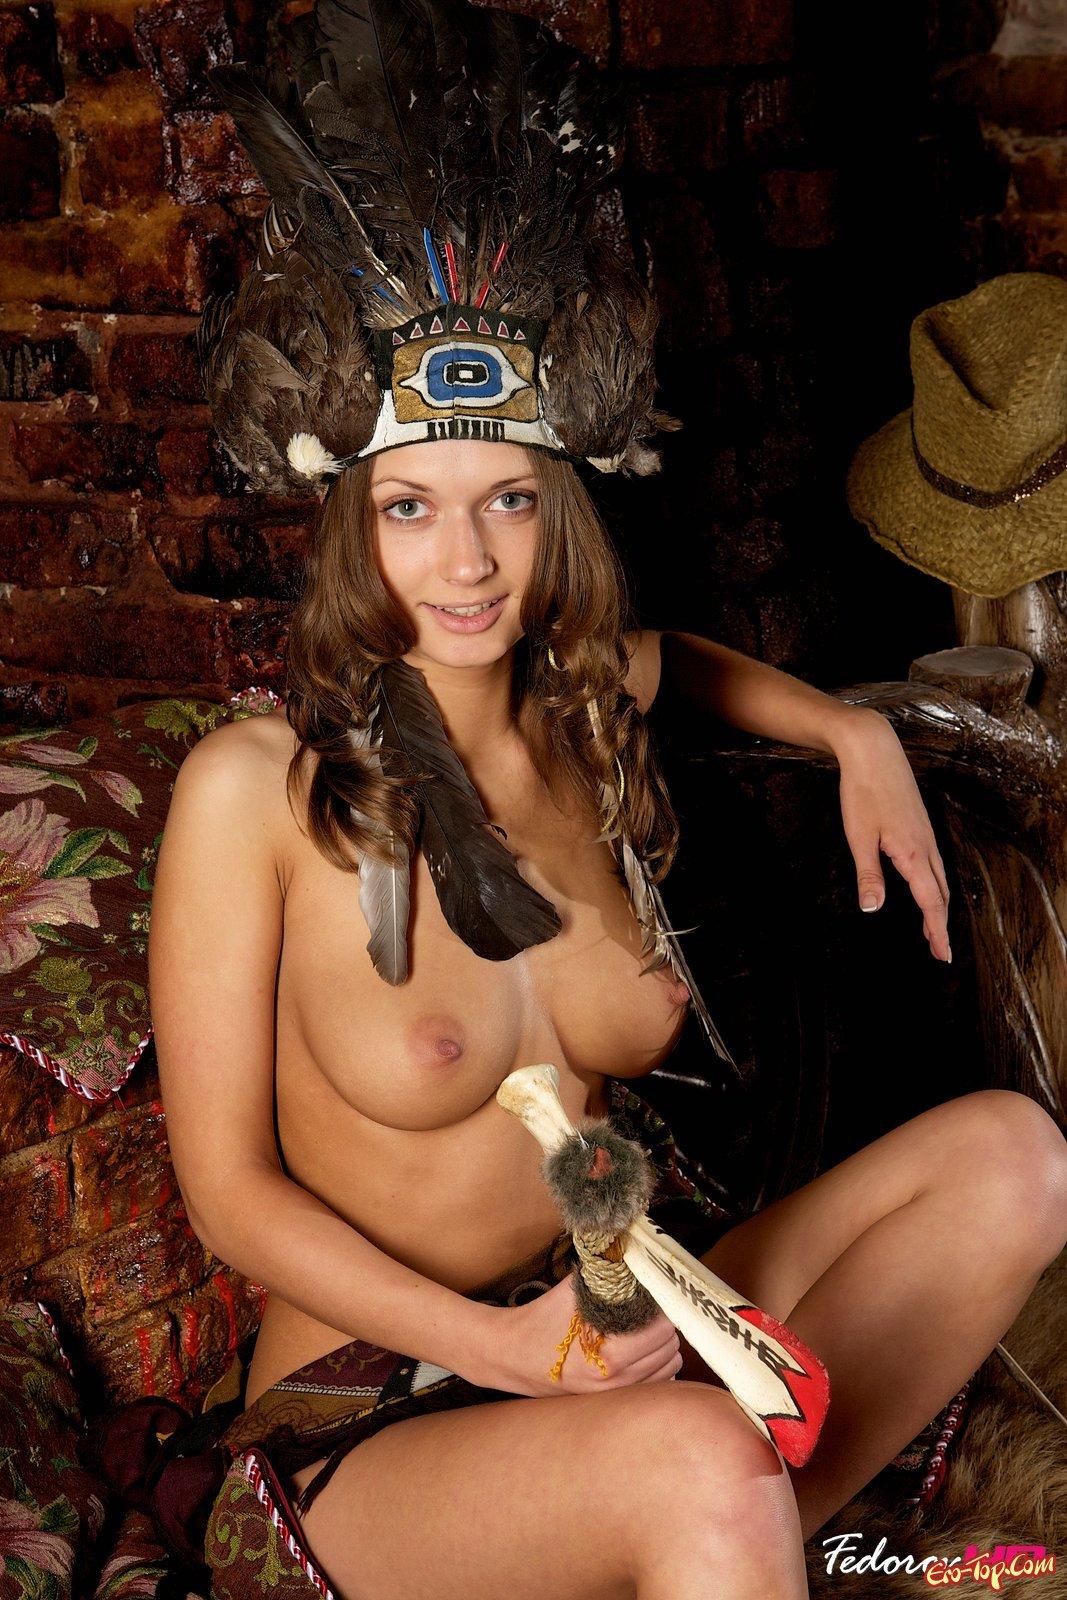 Фото голых девушек индейцев фото 590-195